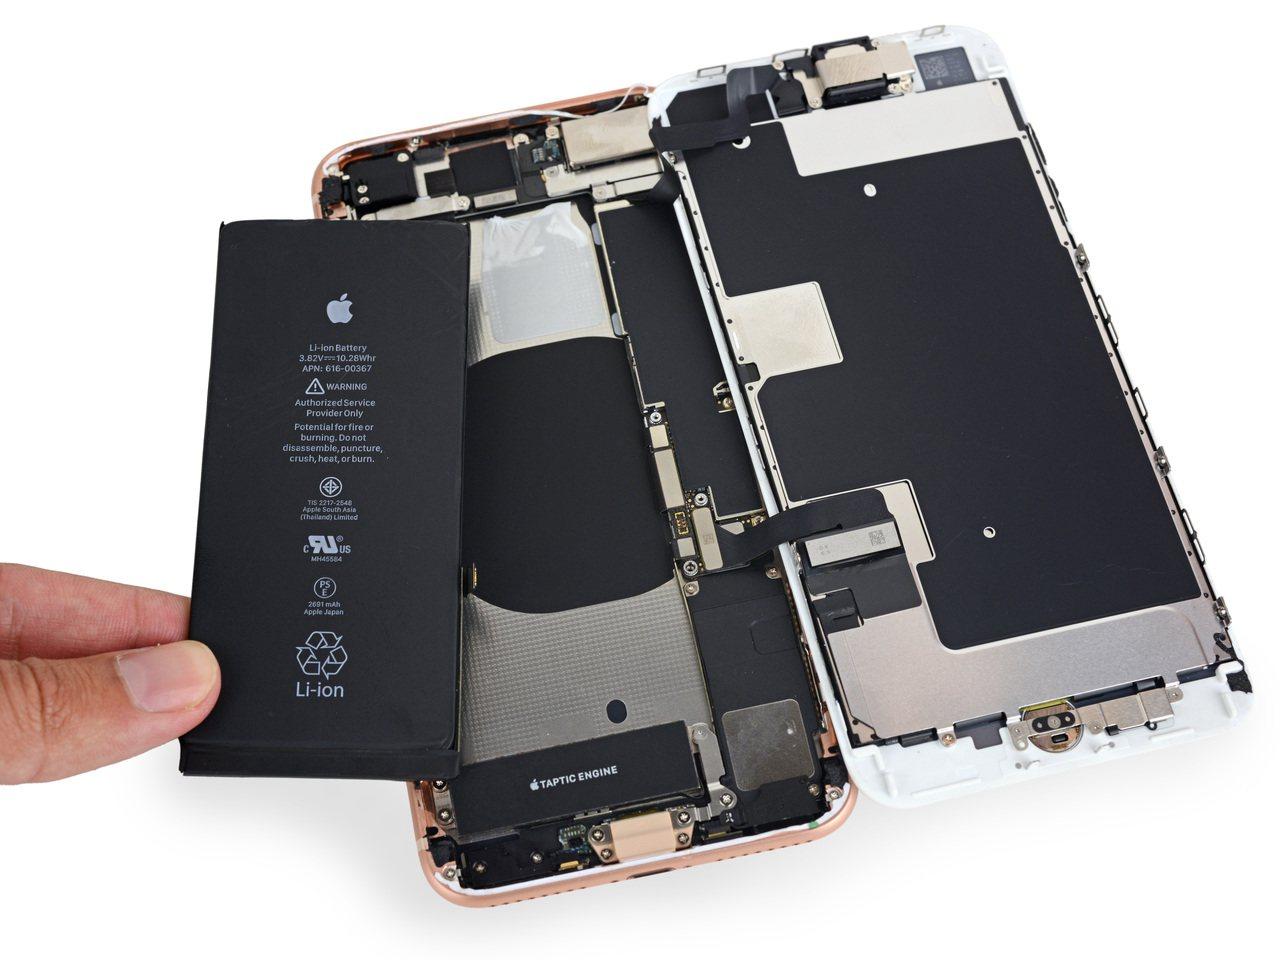 iPhone以降速延長電池壽命的做法引起爭議,蘋果為此道歉並公開電池技術說明文件...